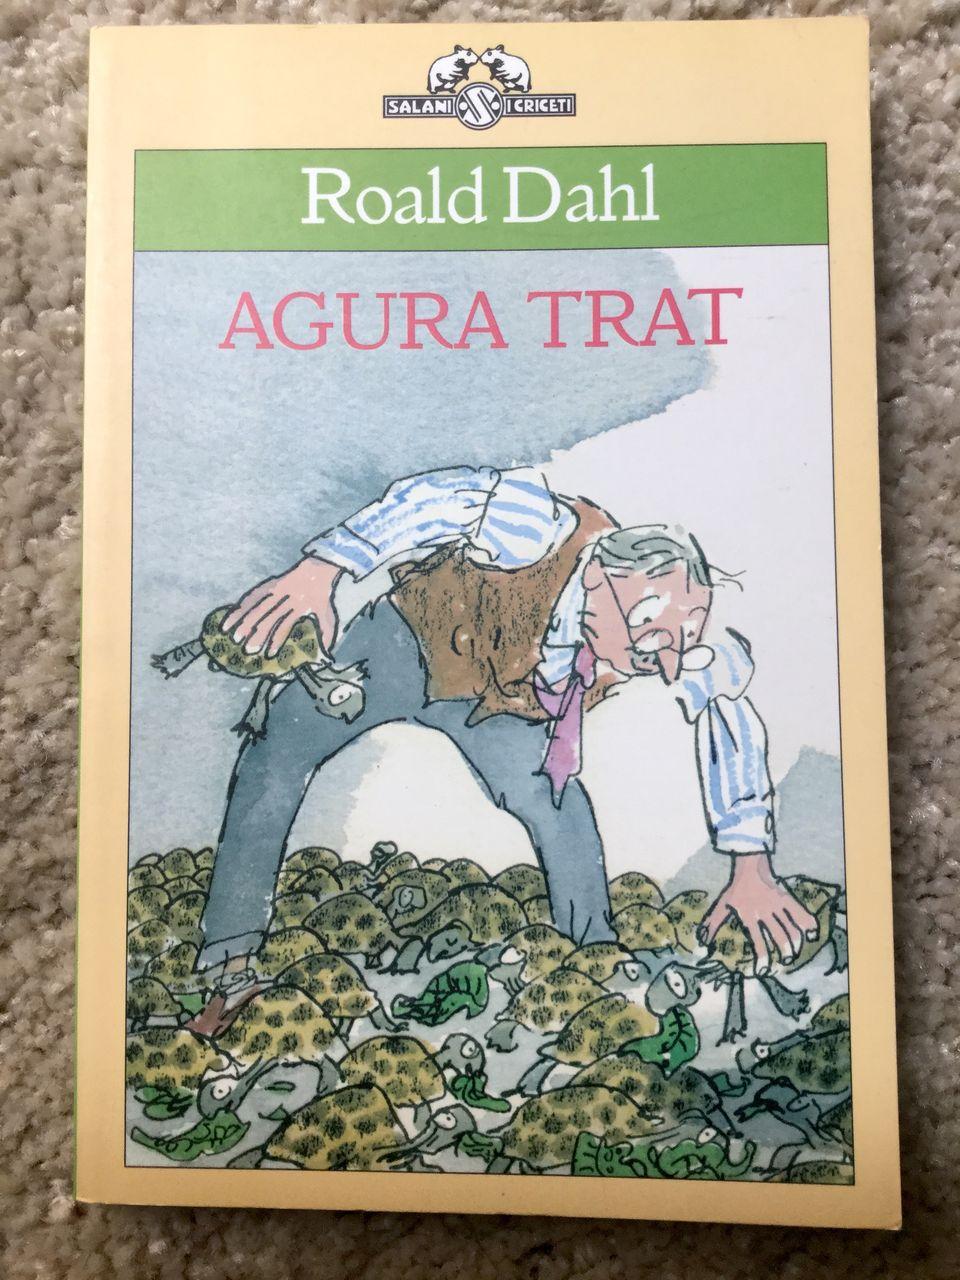 Roald Dahl, Agura Trat, Salani